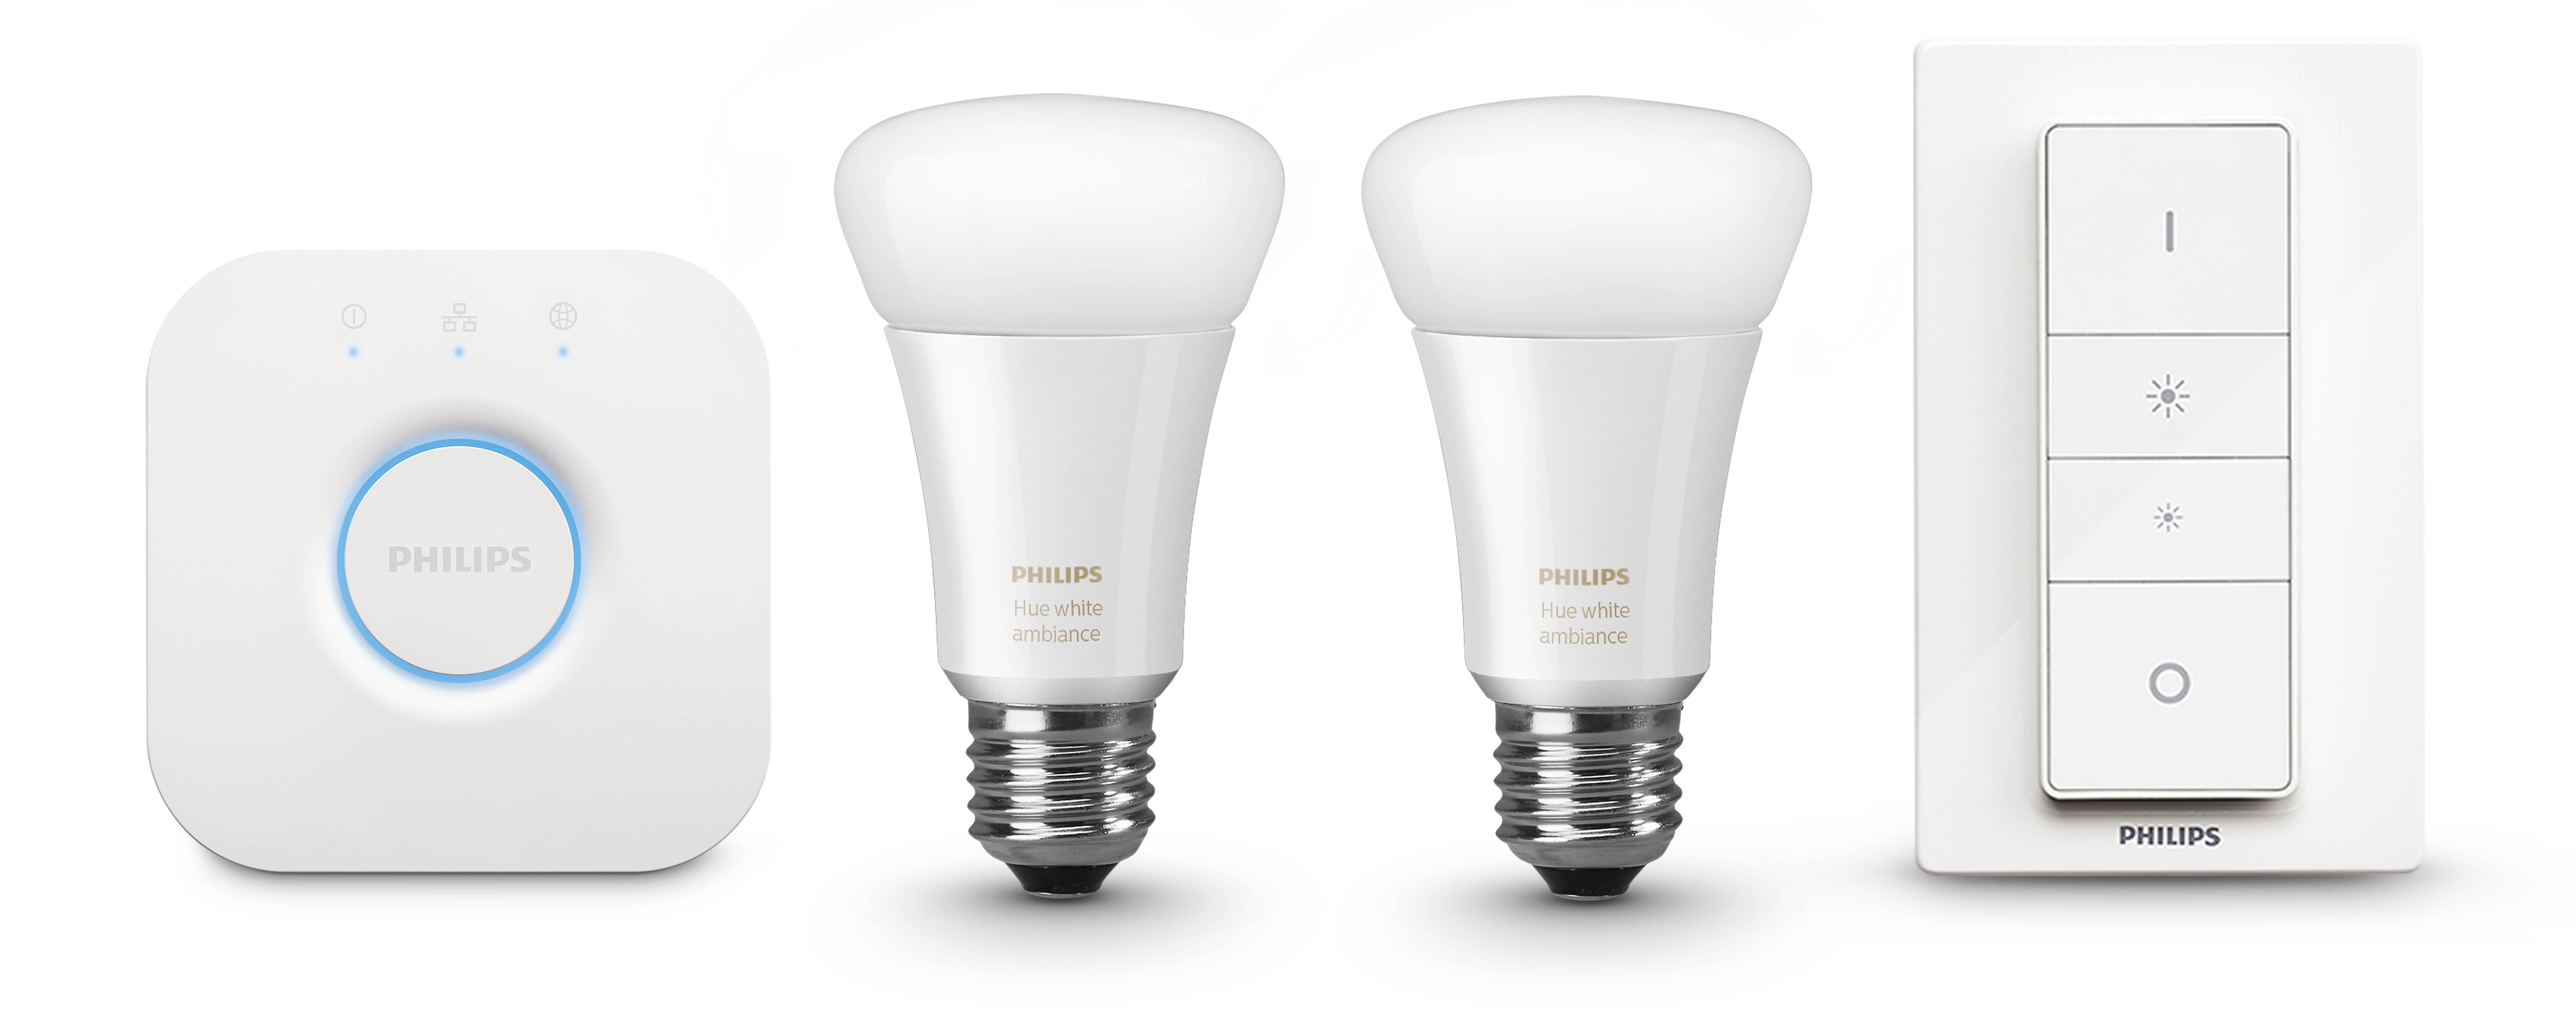 Philips Hue white ambiance starter kit image 001